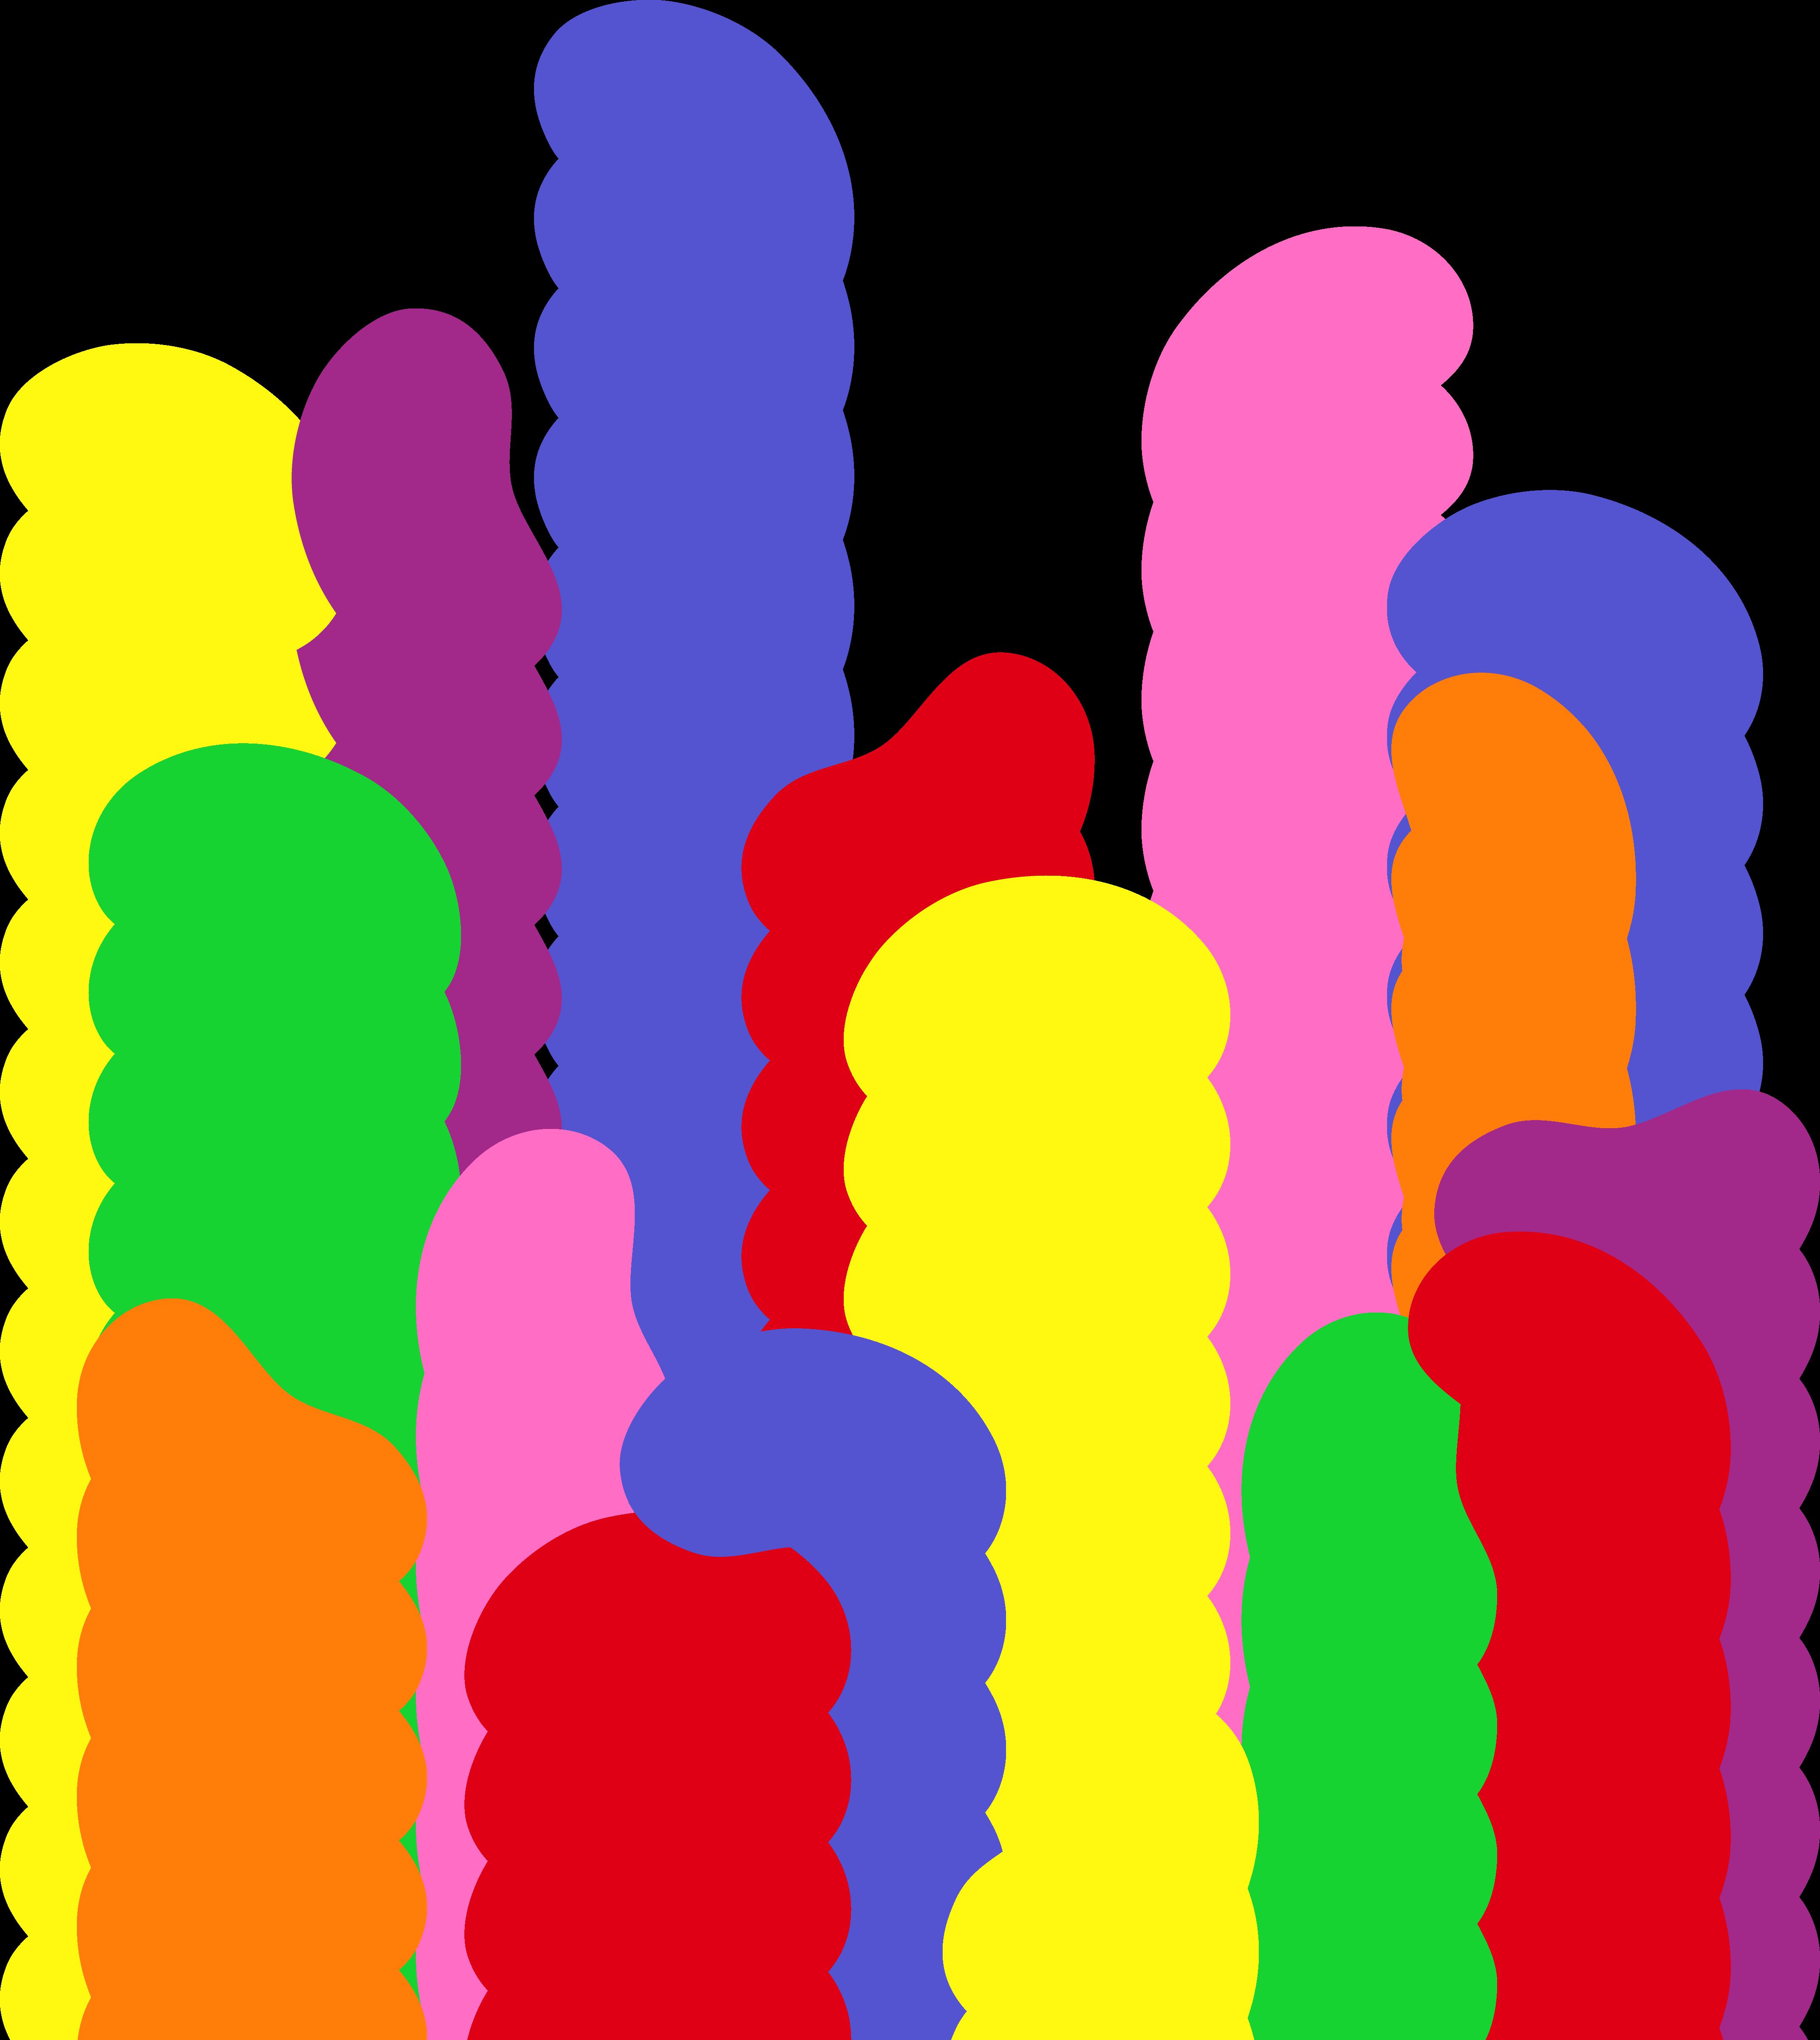 Bean Clip Art u0026middot; clipart onlin-Bean Clip Art u0026middot; clipart online-5